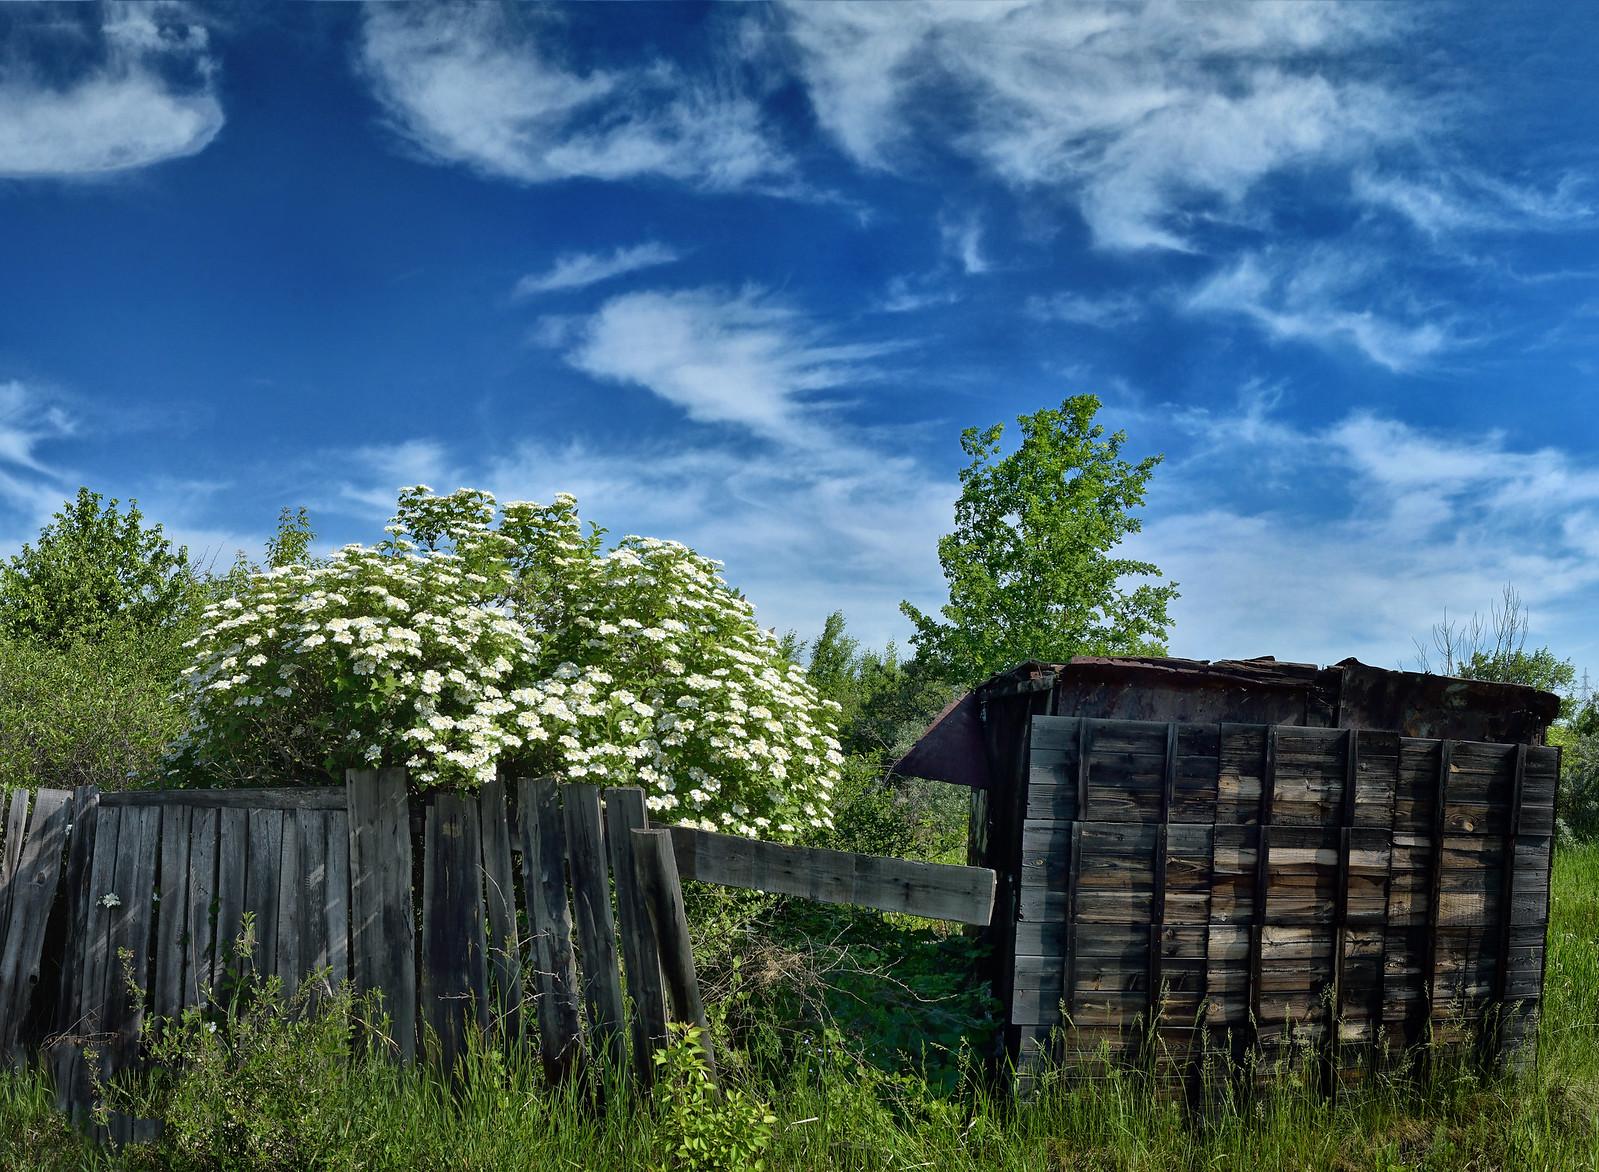 цветёт калина - фотограф Челябинск